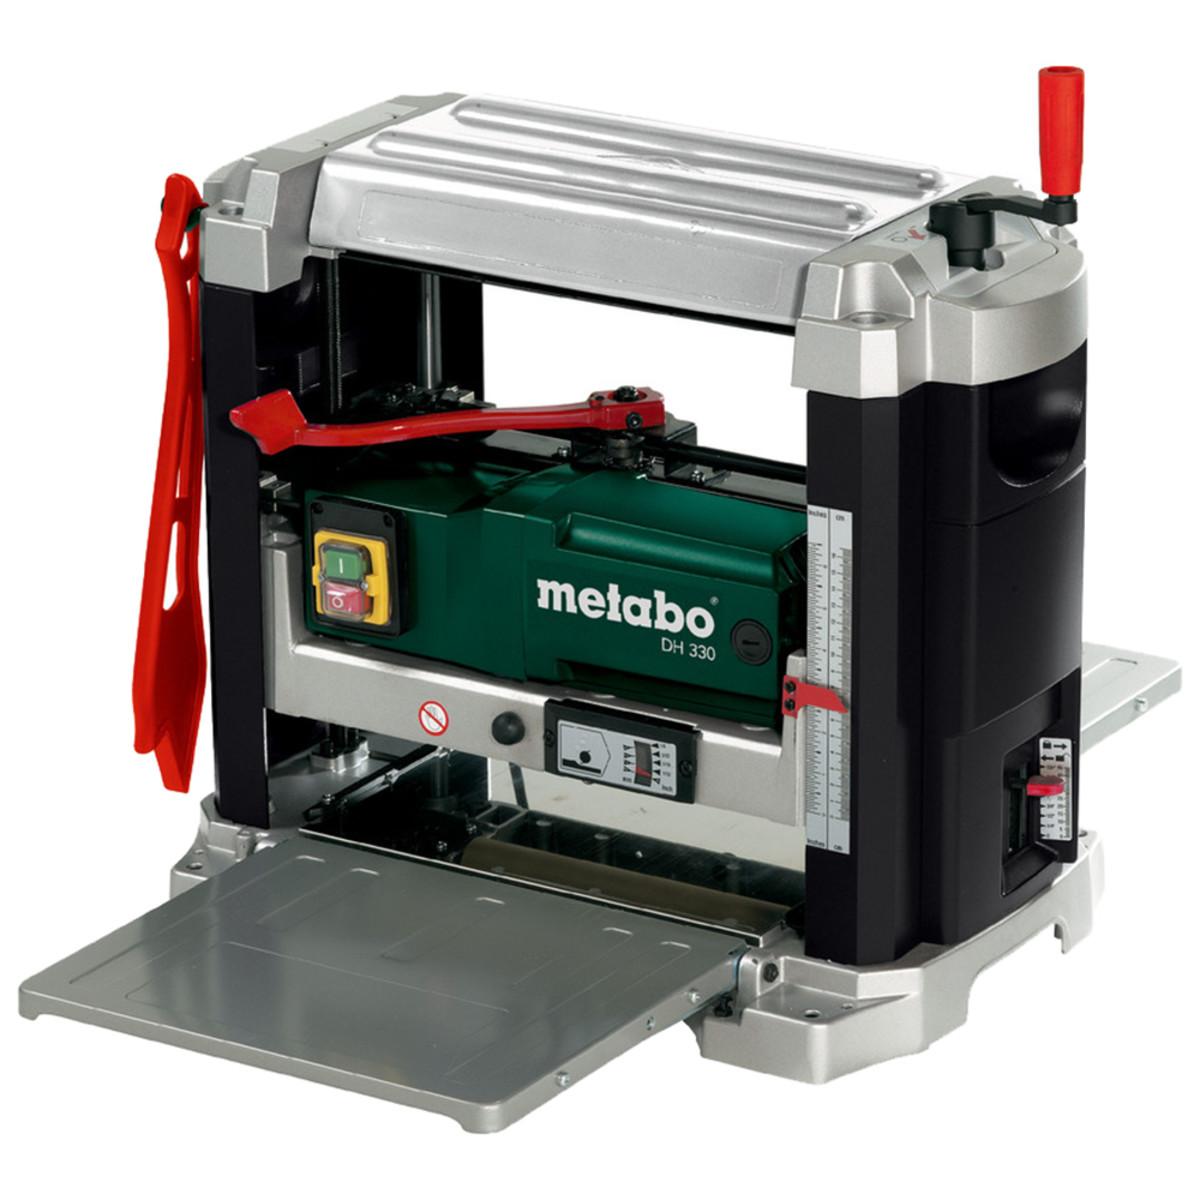 Точильный станок Metabo DH 330 200033000. 9800 Об/мин 1800 Вт